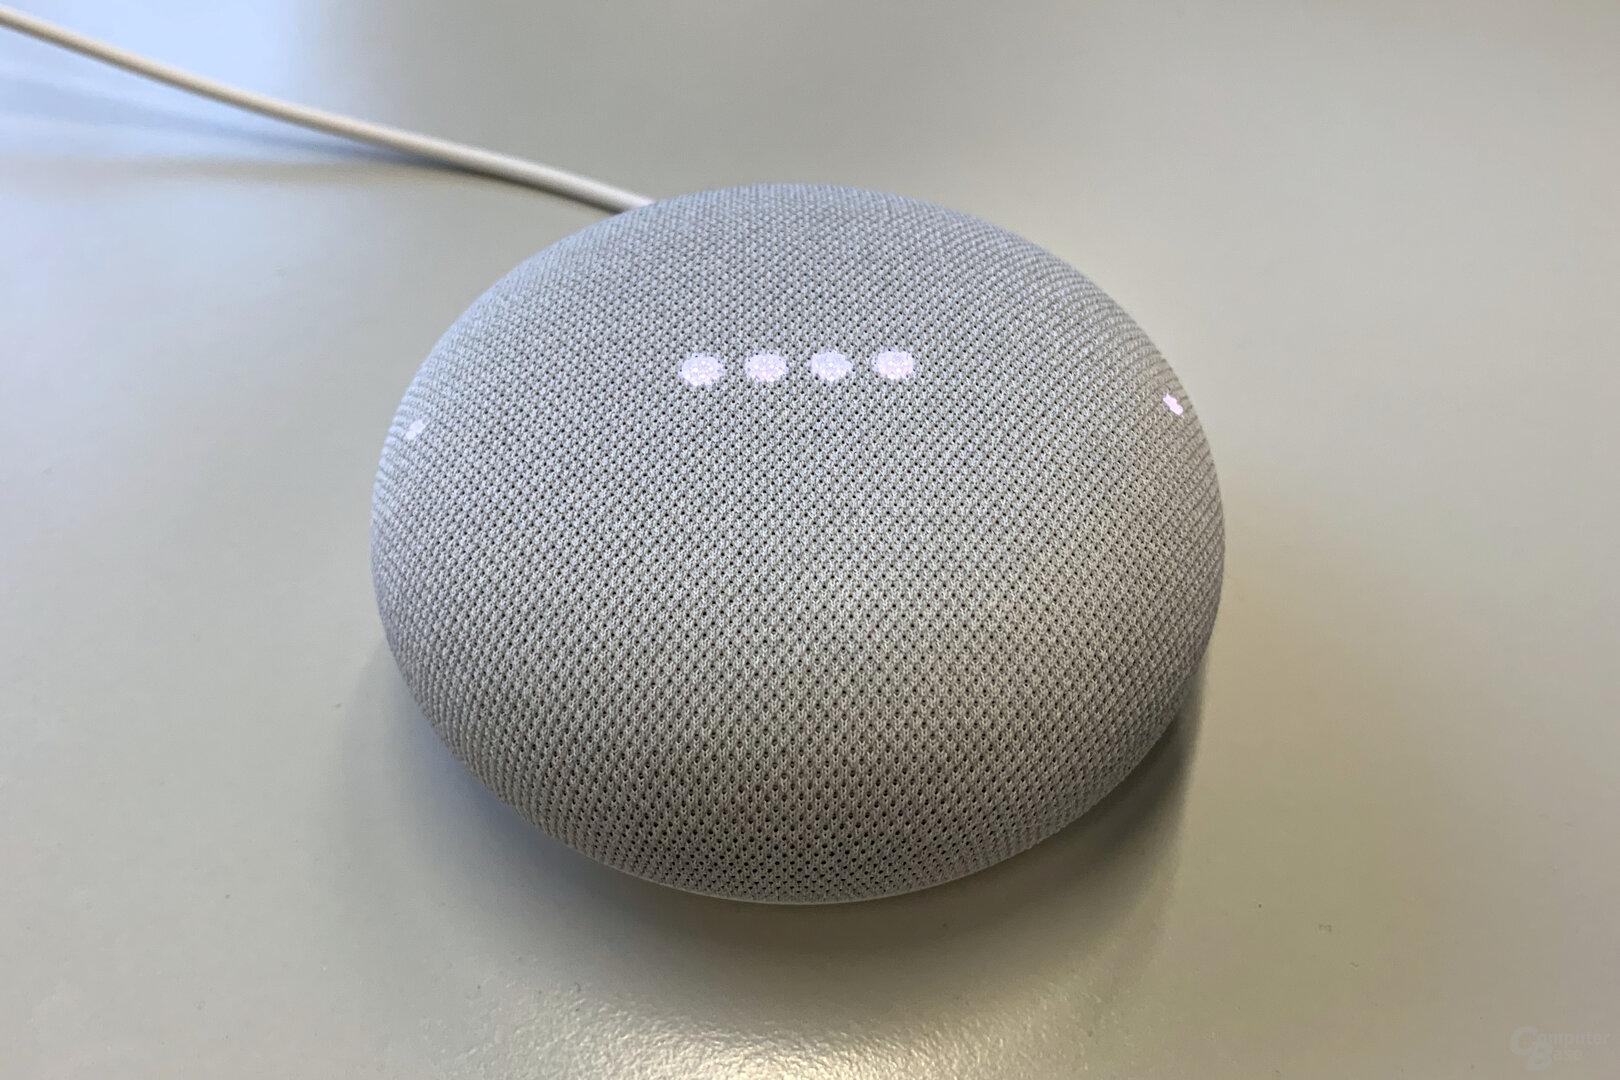 LEDs des Google Nest Mini